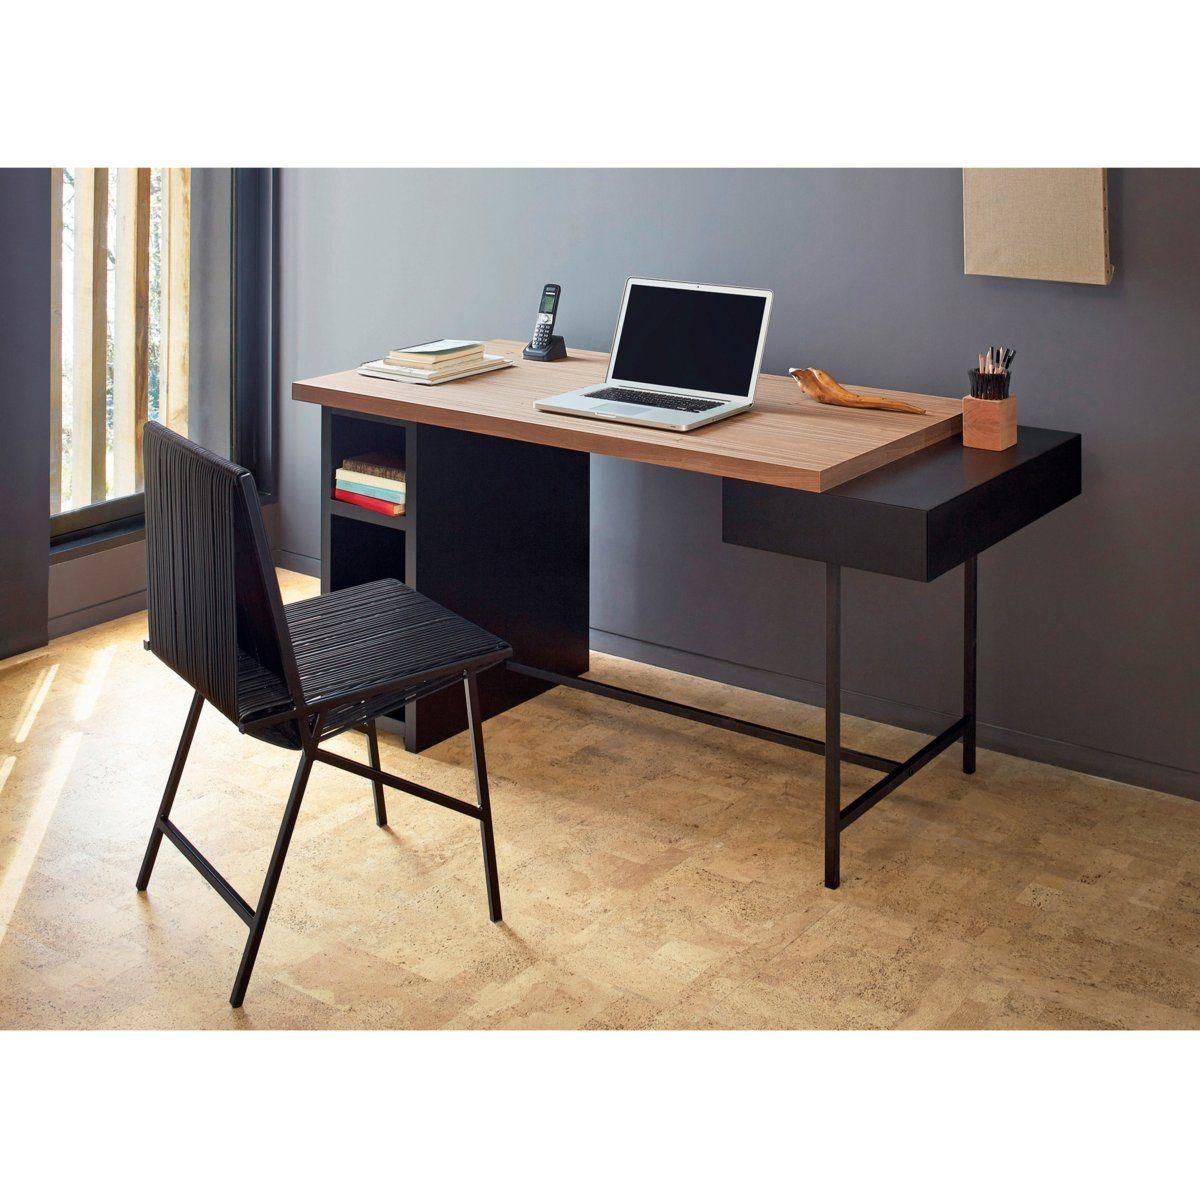 Bureau Createur Design Studio Pool Bensimon Bureau La Redoute Ventes Pas Cher Com Bureau Design Bureau Petit Espace Design Studio